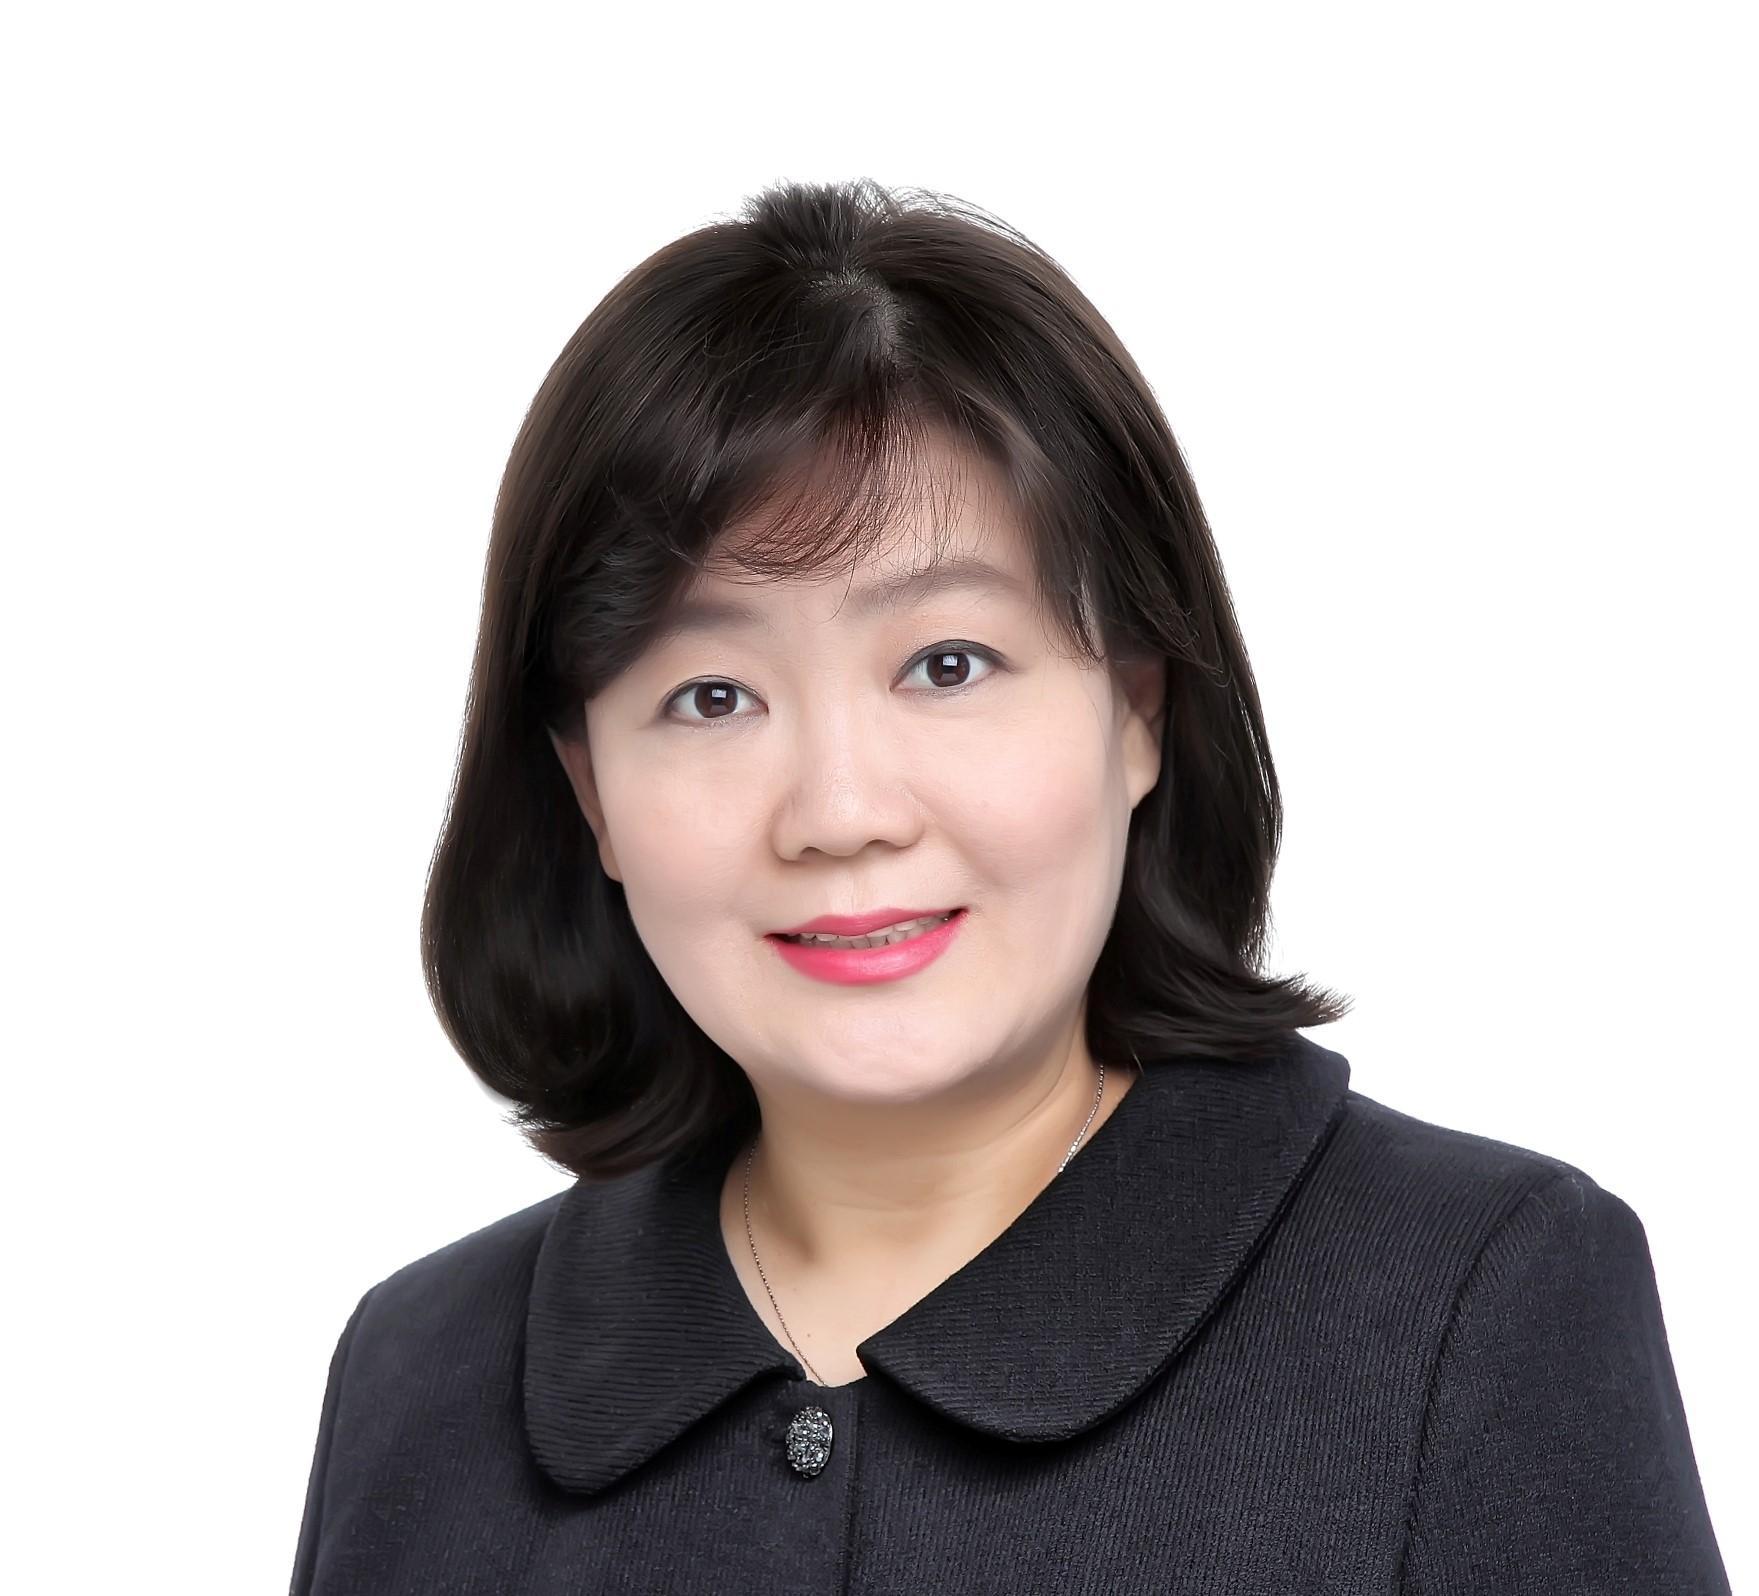 JANE CHOI EXECUTIVE PARTNER